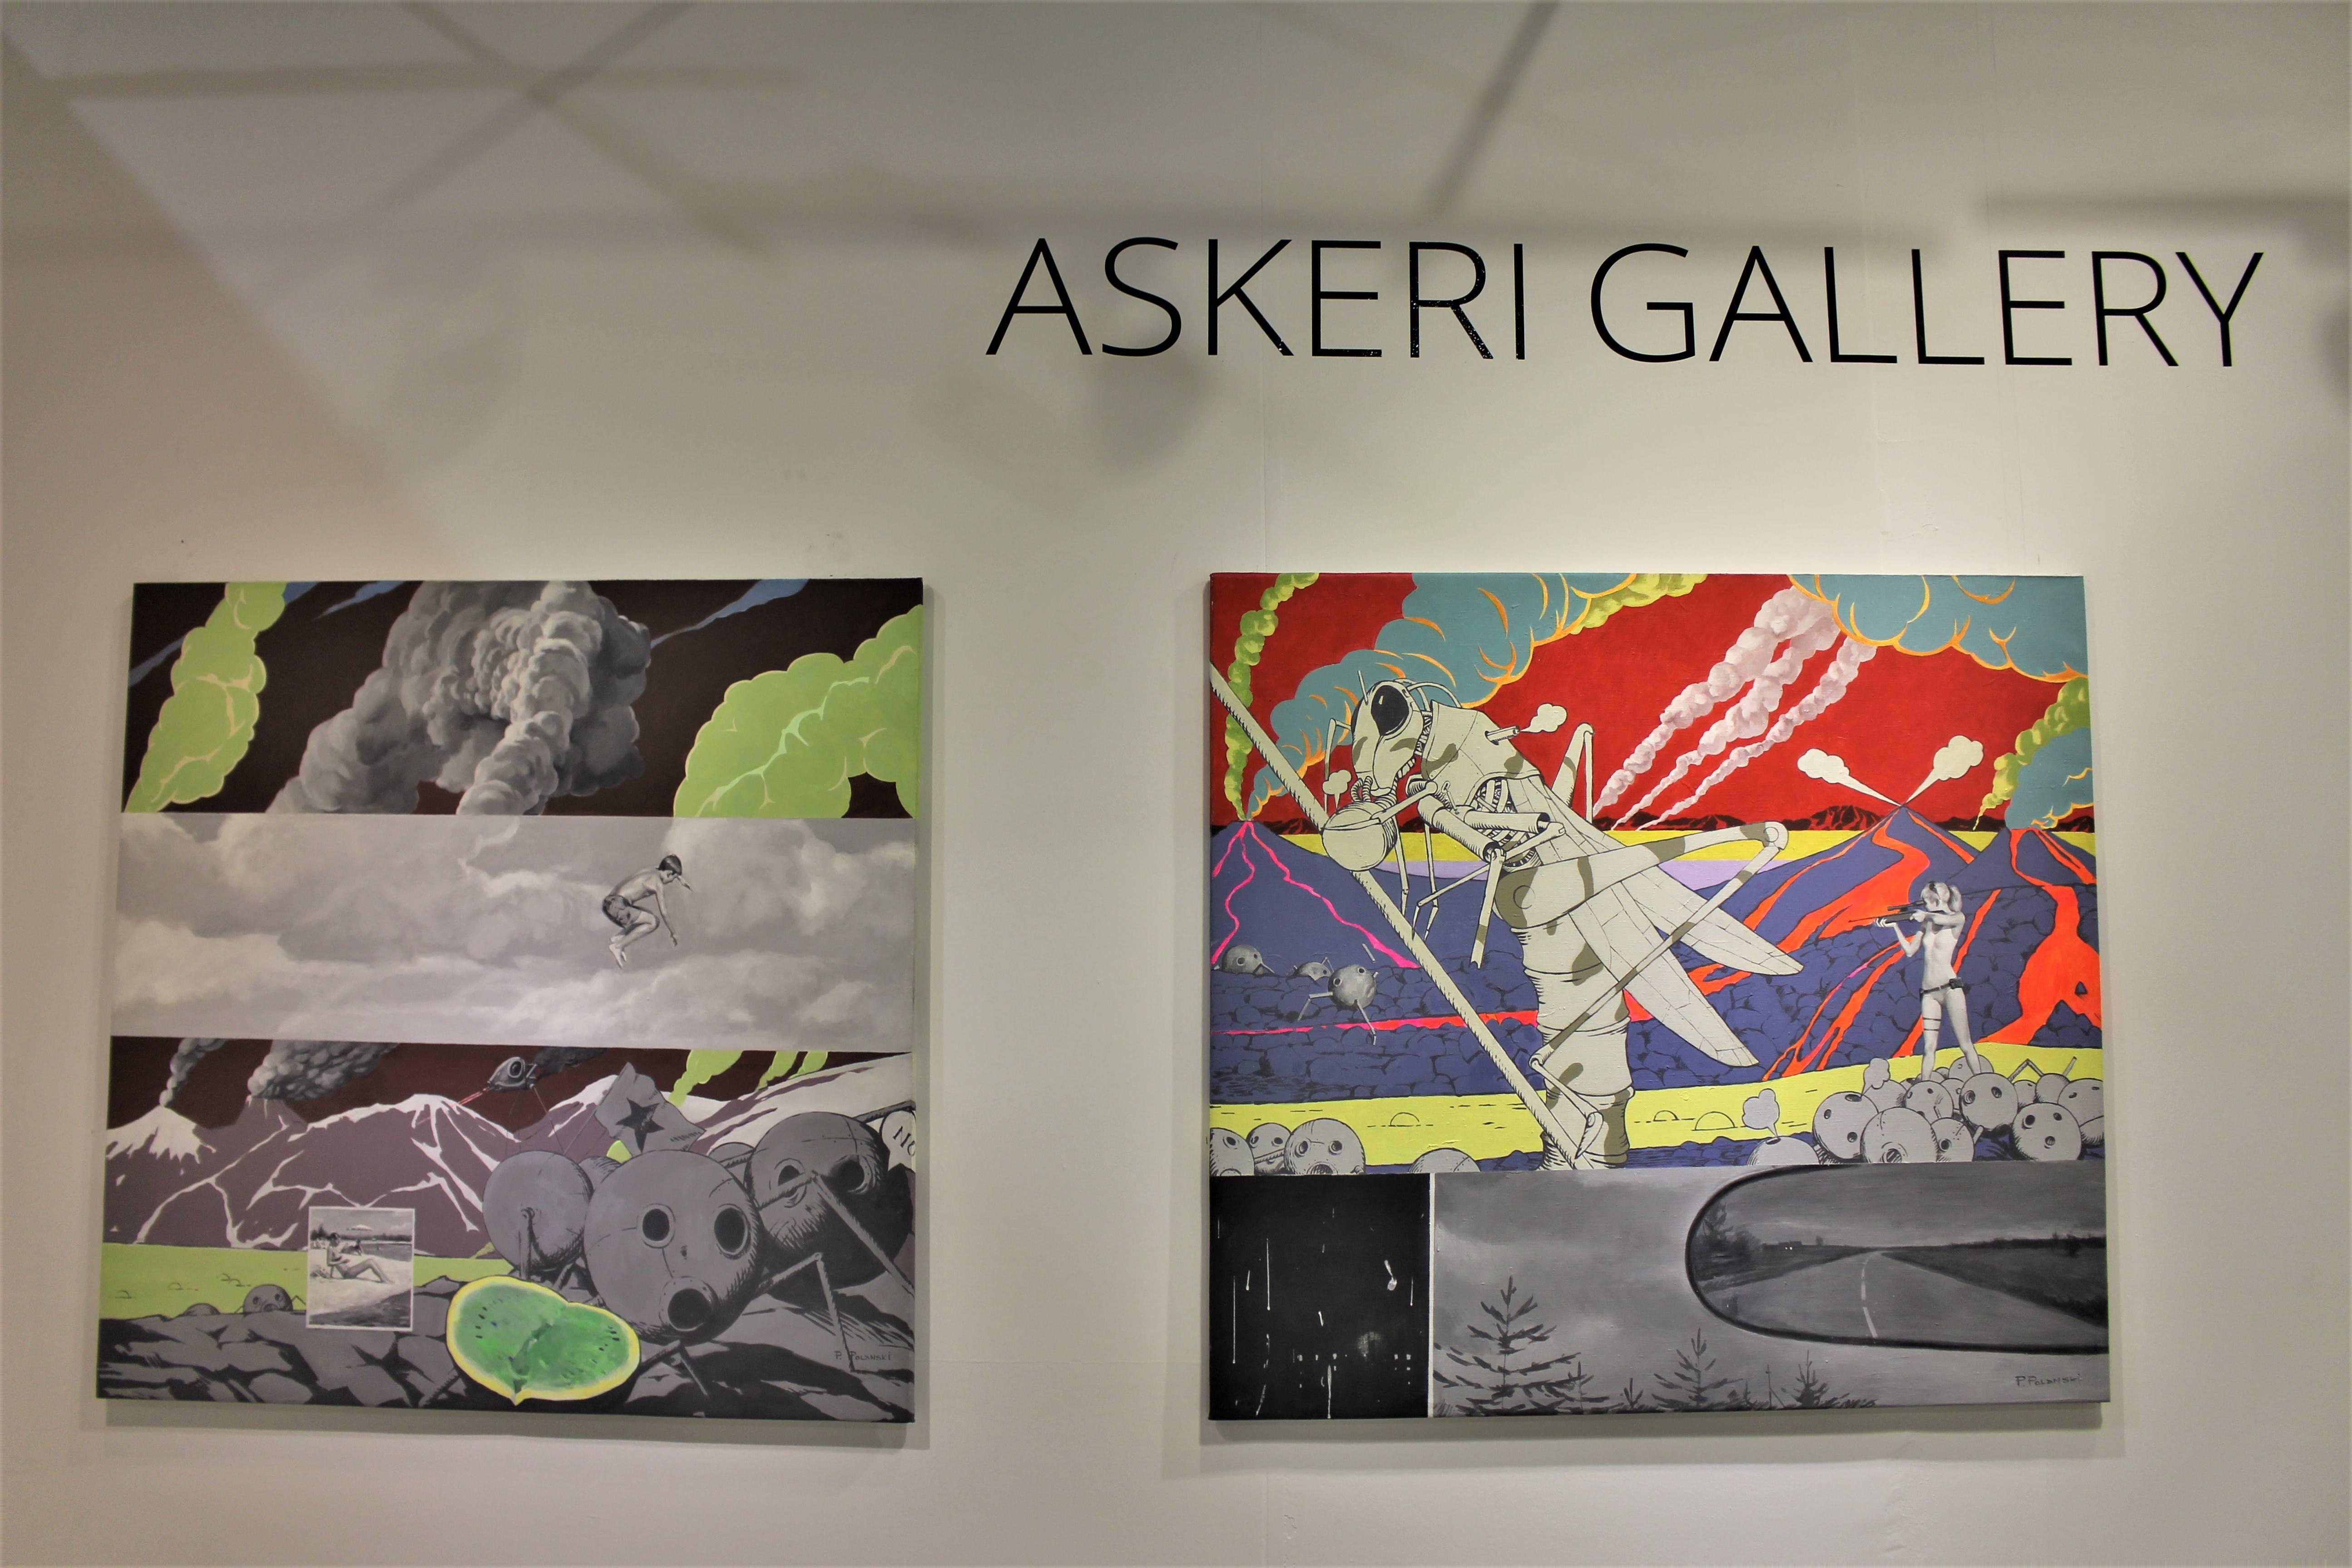 P3-02,Askeri Gallery,莫斯科